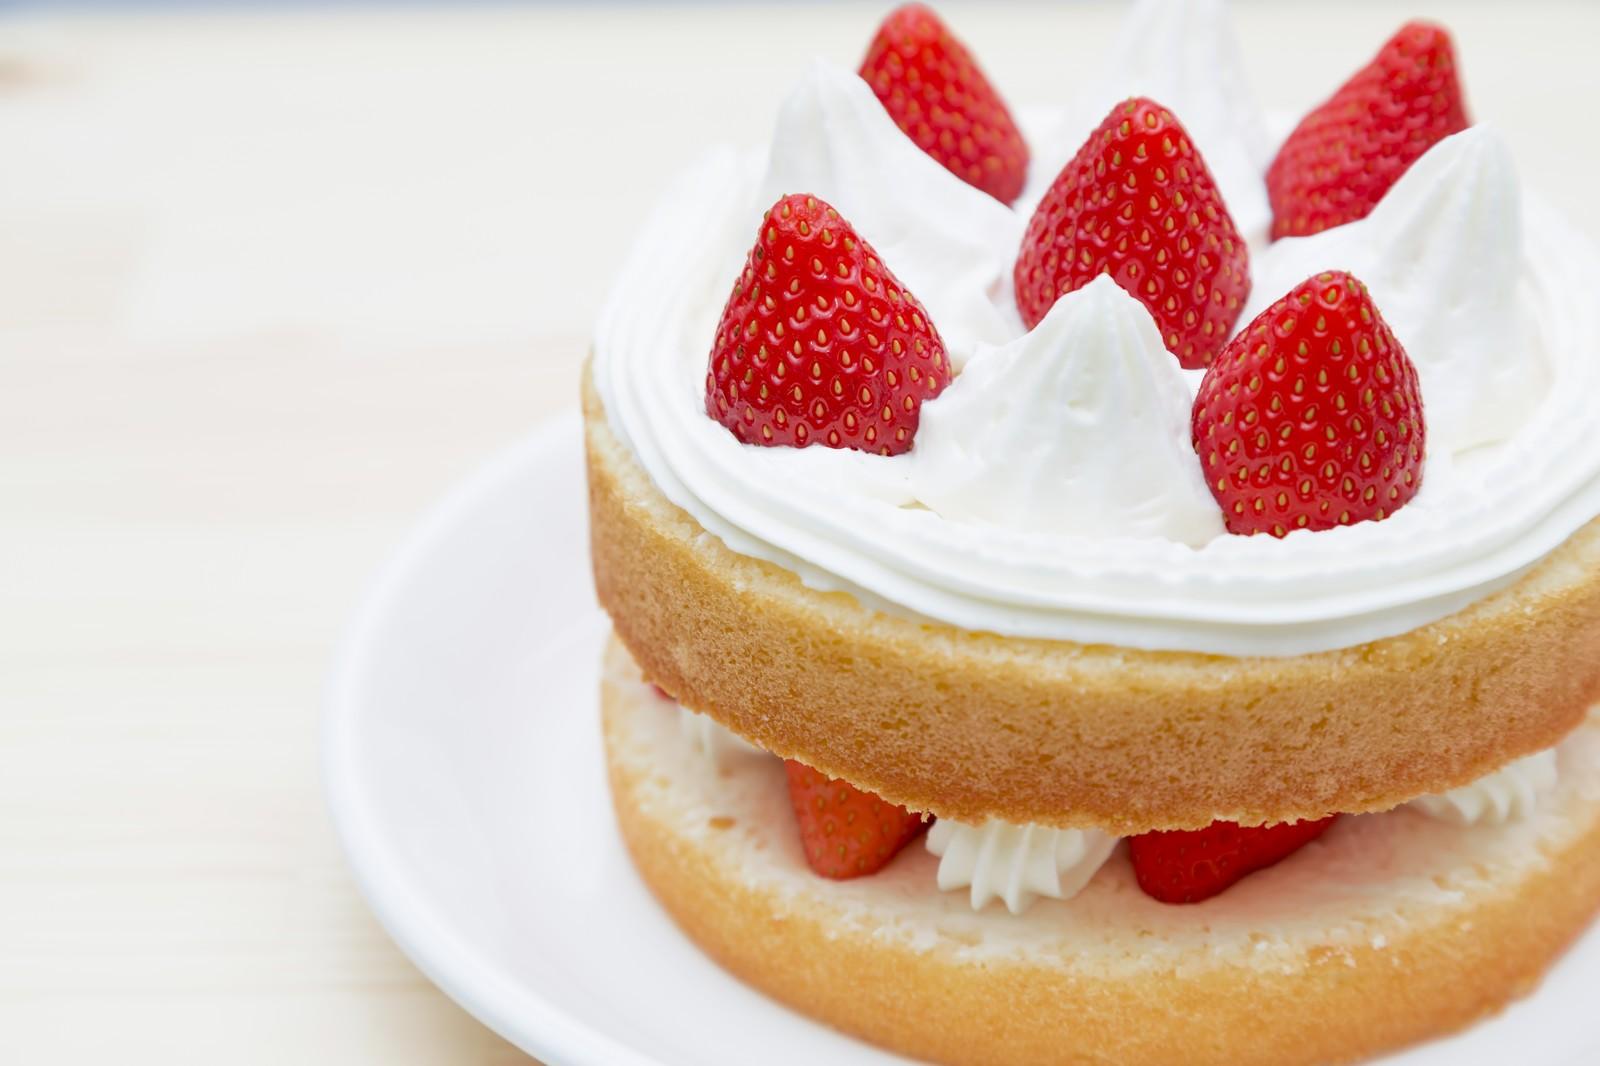 マーガリン ケーキ 用